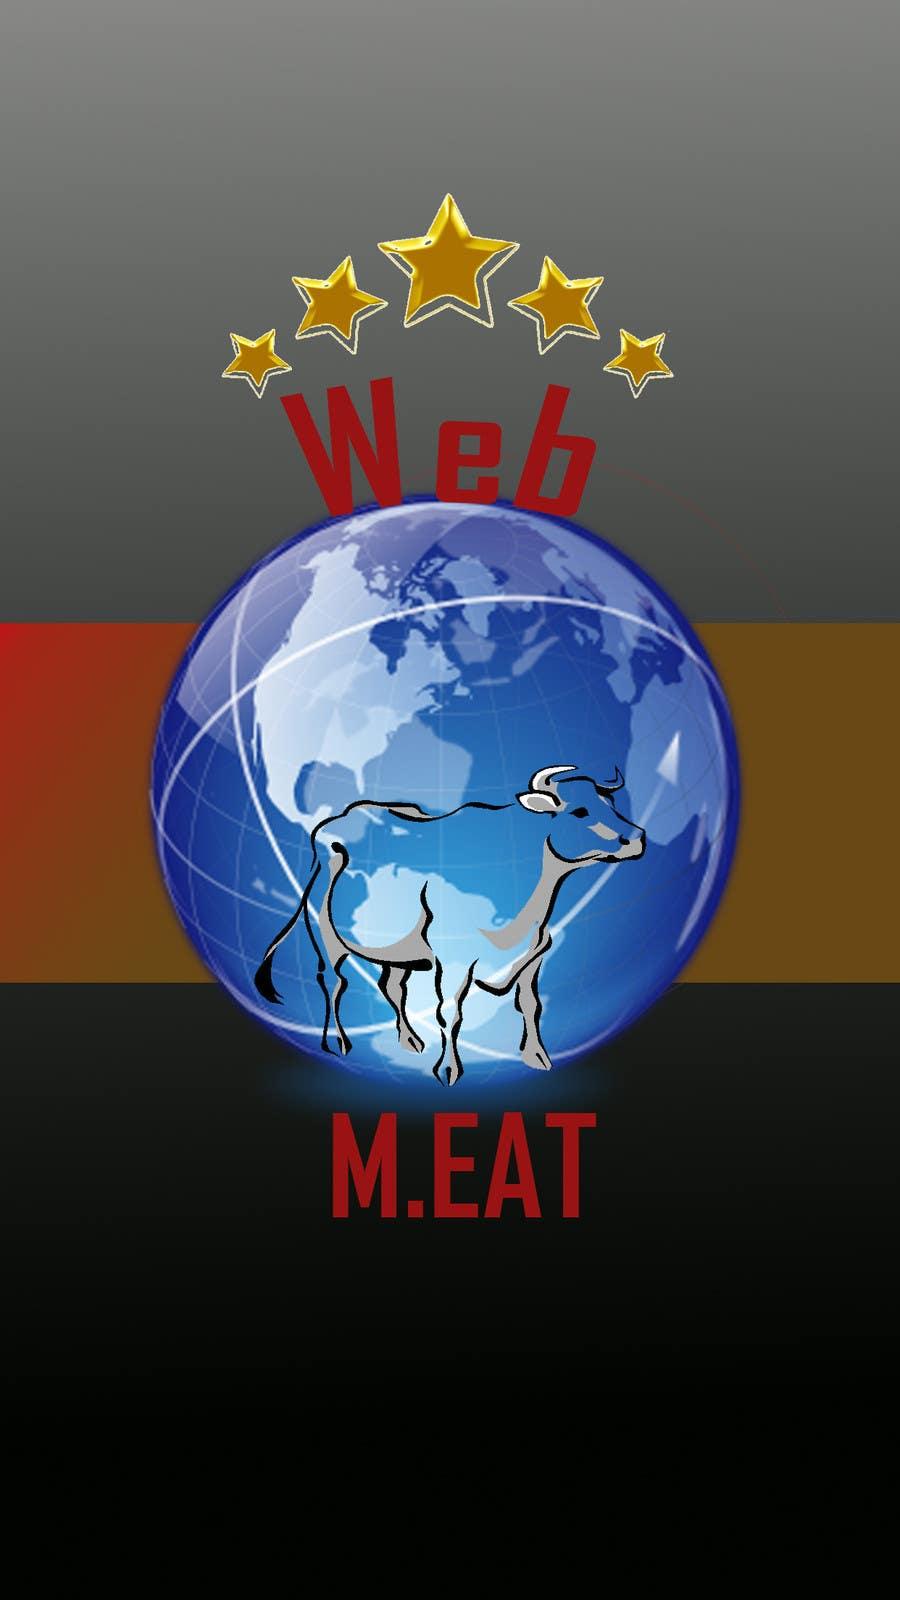 Inscrição nº                                         49                                      do Concurso para                                         LogotipoLogotipo para Marketplace de Carnes - Web Meat